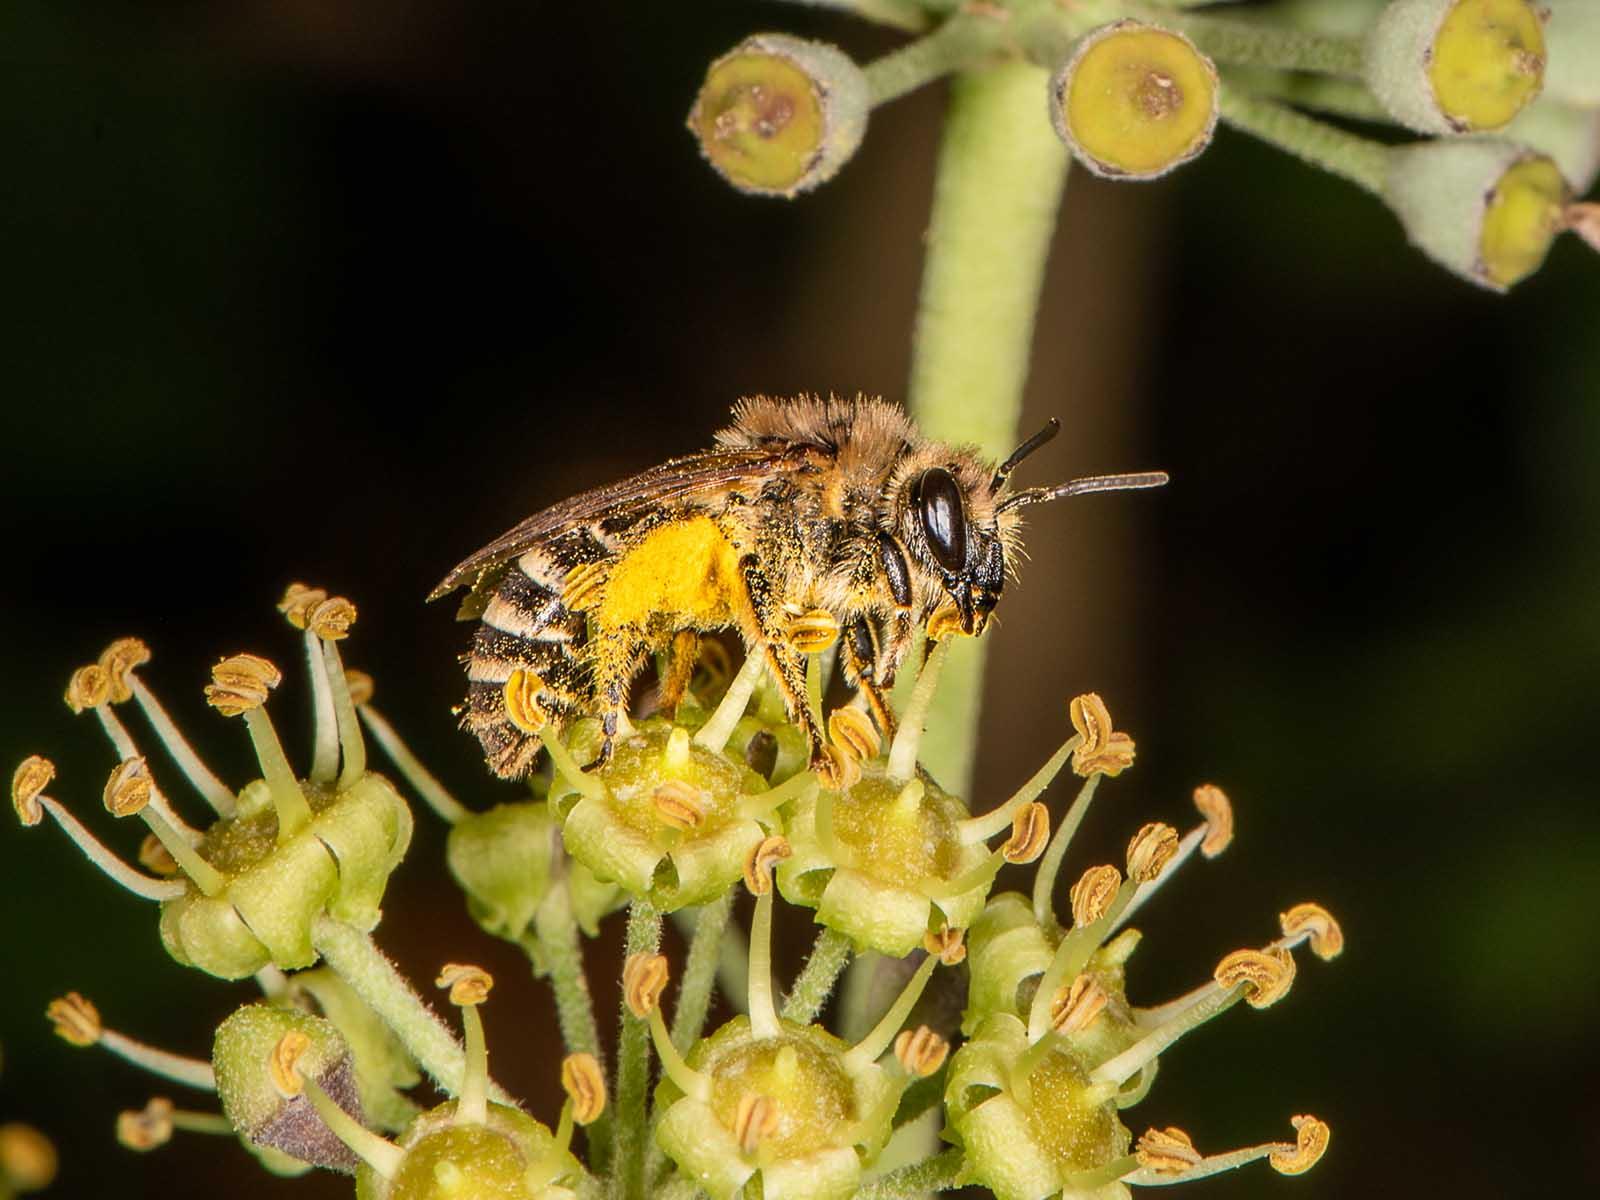 Genüsslich beisst die Efeu-Seidenbiene Staubbeutel auf und sammelt den Pollen in den gelben Höschen.